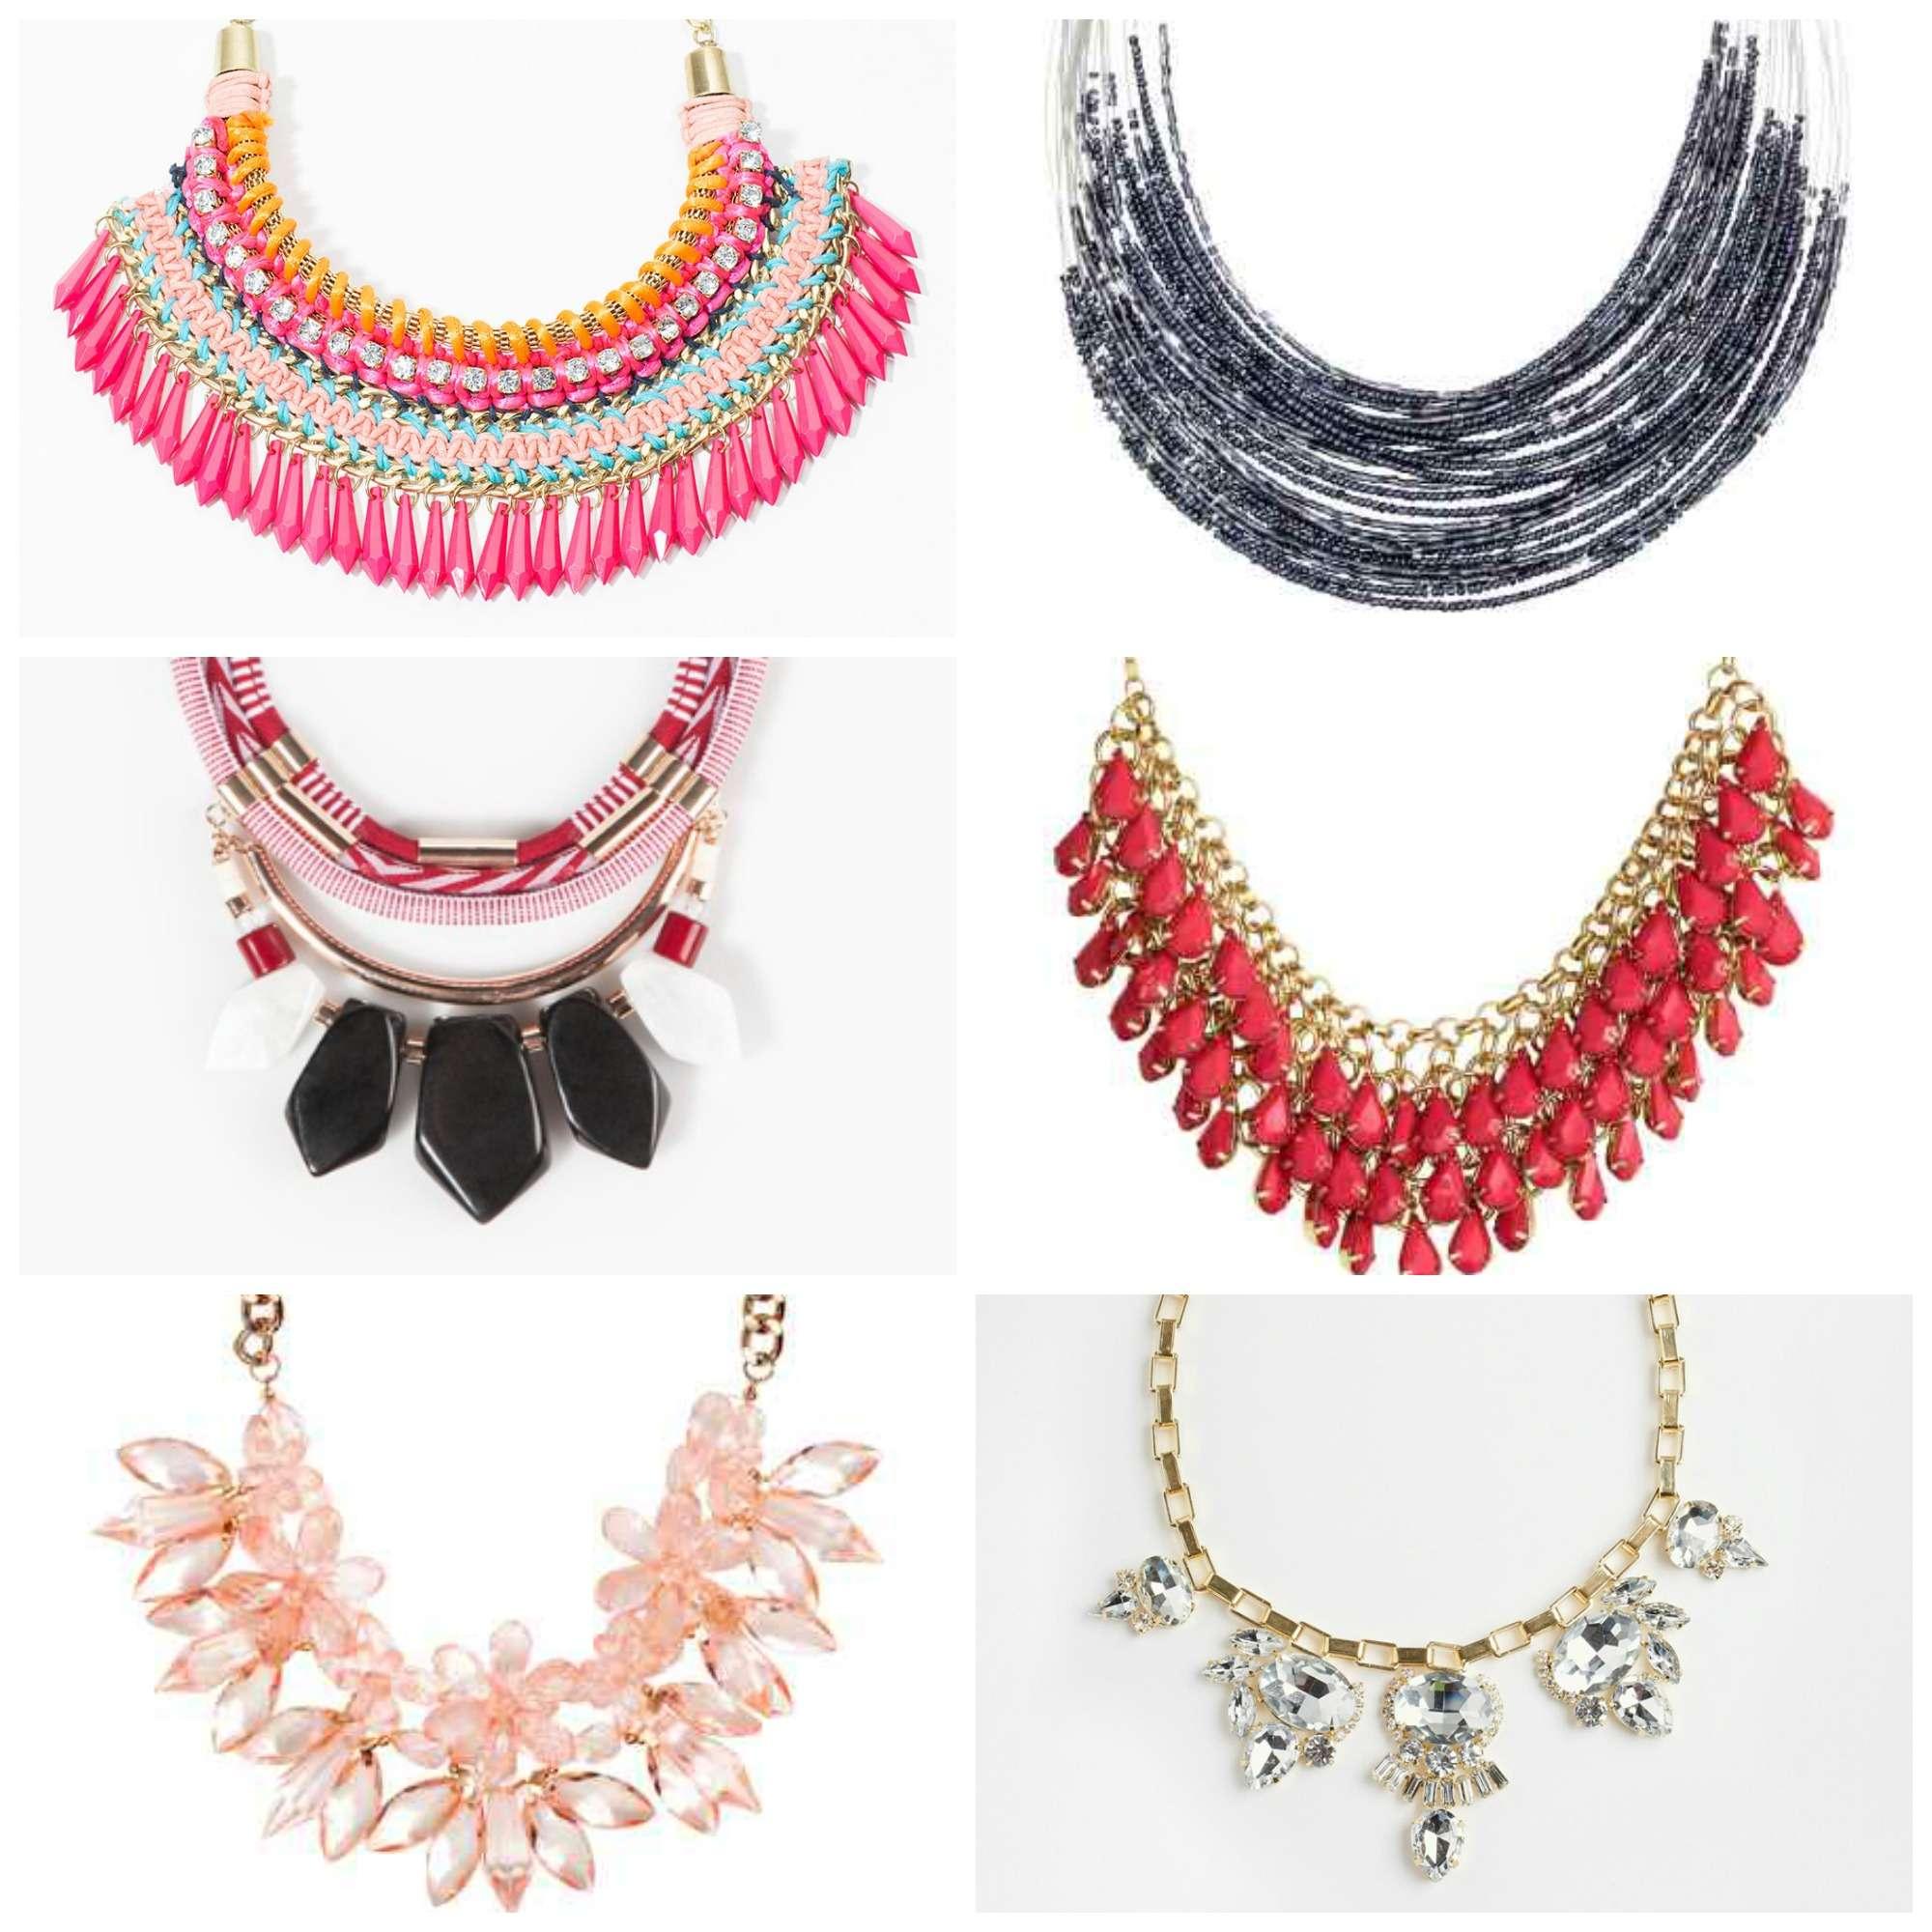 10 collares de moda para este verano que te encantar n - Moda de este verano ...